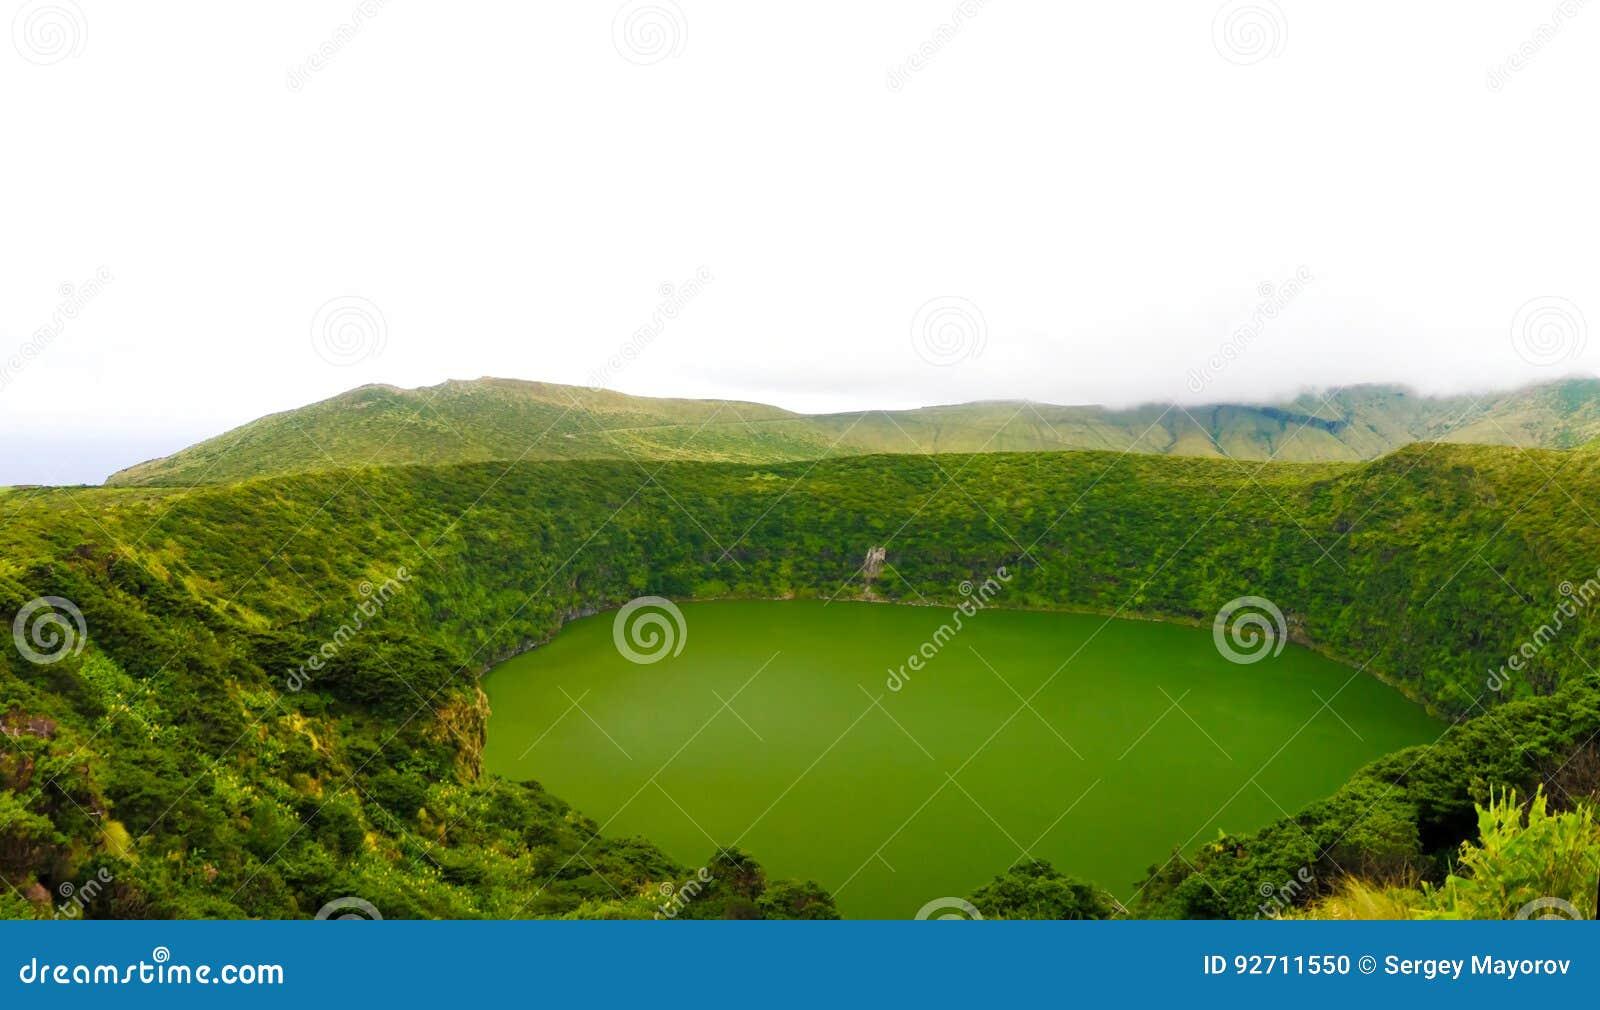 鸟瞰图向湖内格拉,弗洛勒斯海岛,亚速尔群岛 葡萄牙